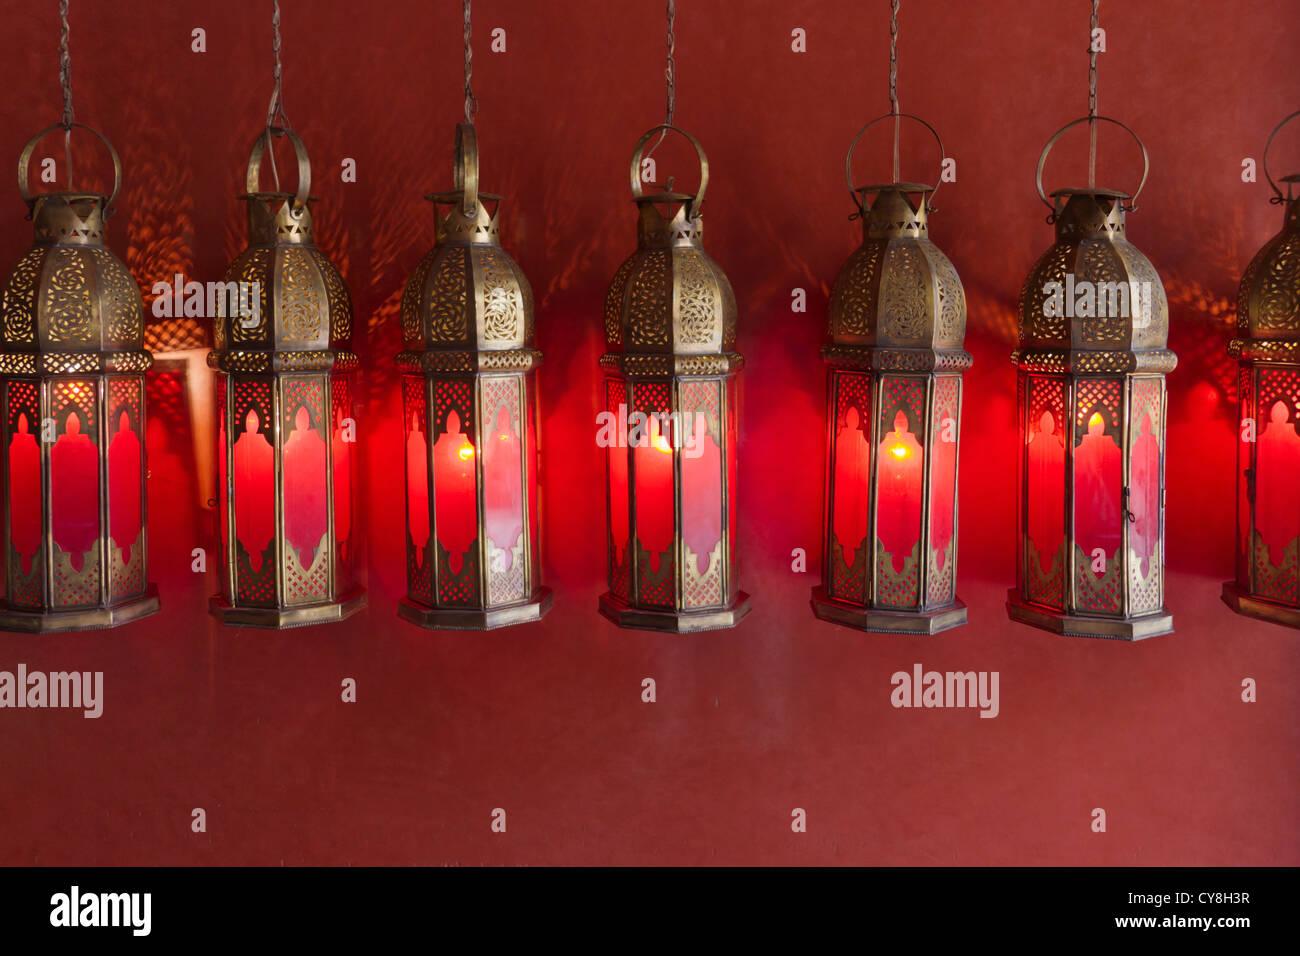 Lampadine tradizionali nella vecchia medina, Marrakech, Marocco Immagini Stock